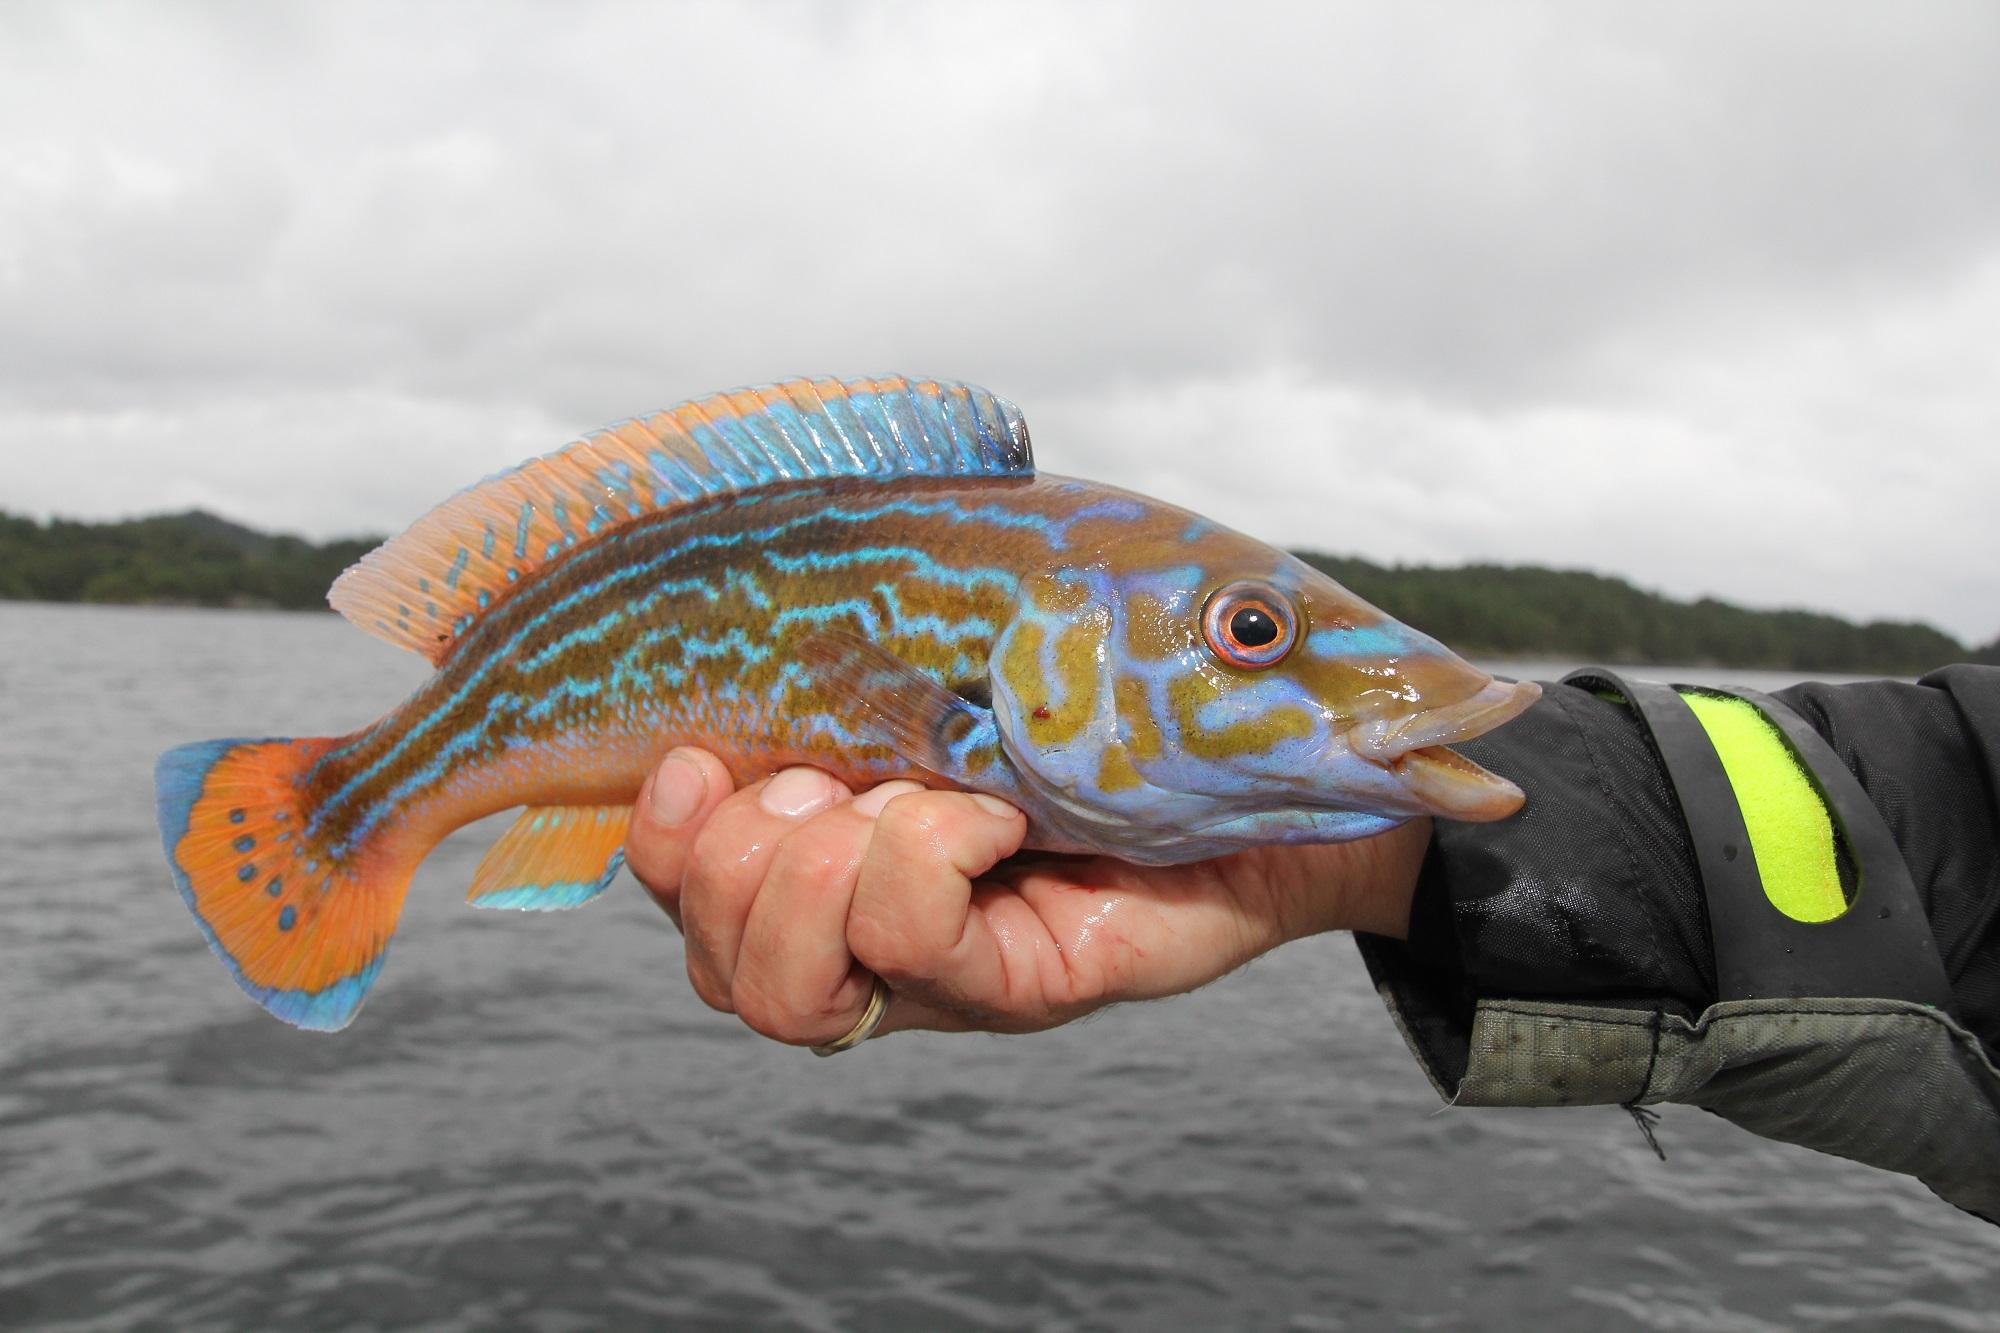 Lippfische sind nicht nur farbenfroh, sondern auch beeindruckende Fische. Hier ein Männchen vom Kuckuckslippfisch aus Norwegen